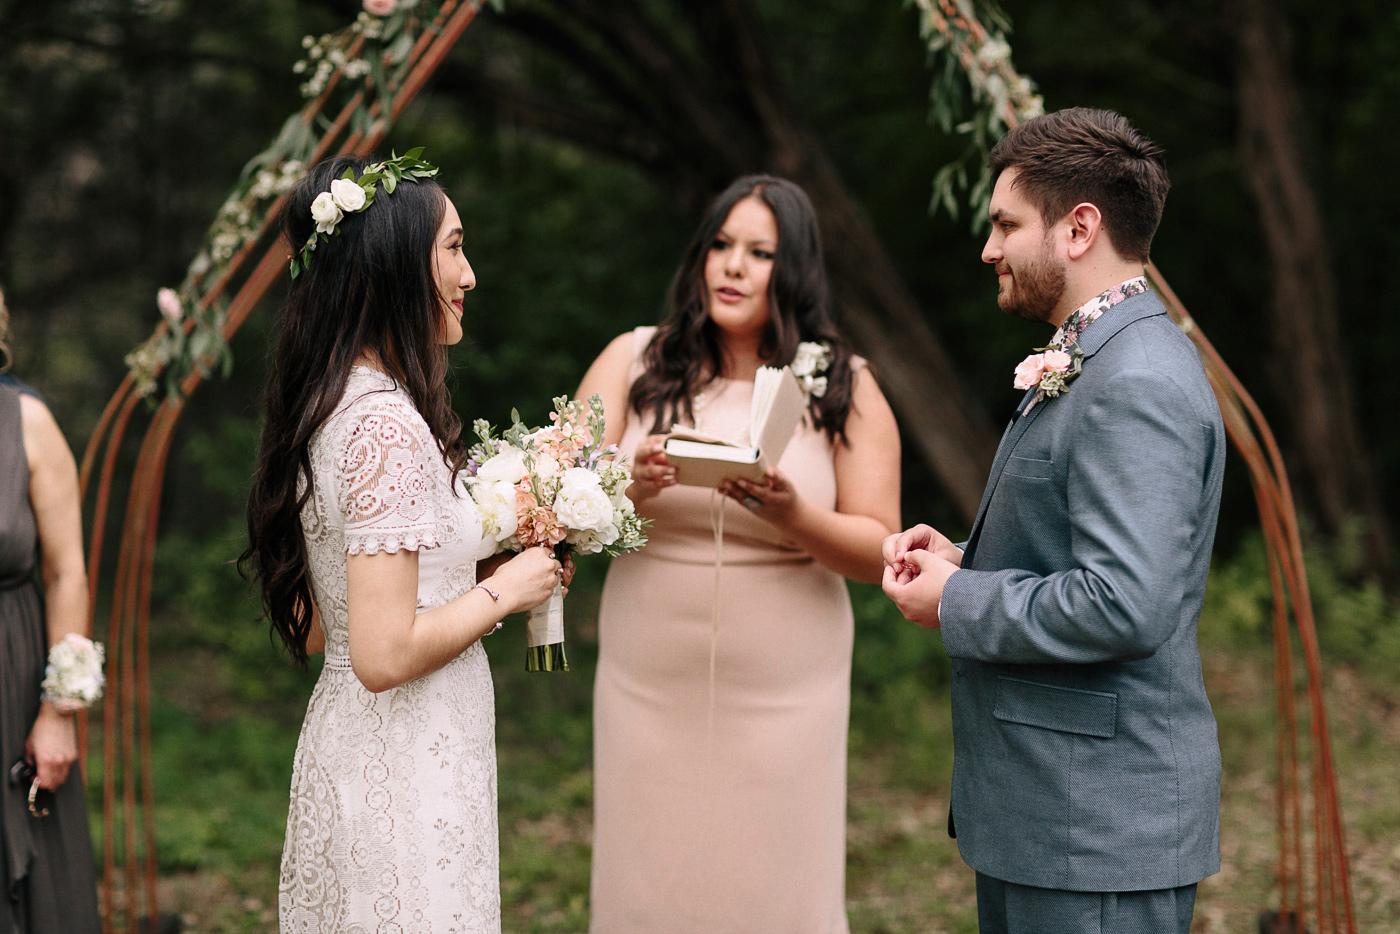 316-wimberley-texas-intimate-backyard-wedding.jpg